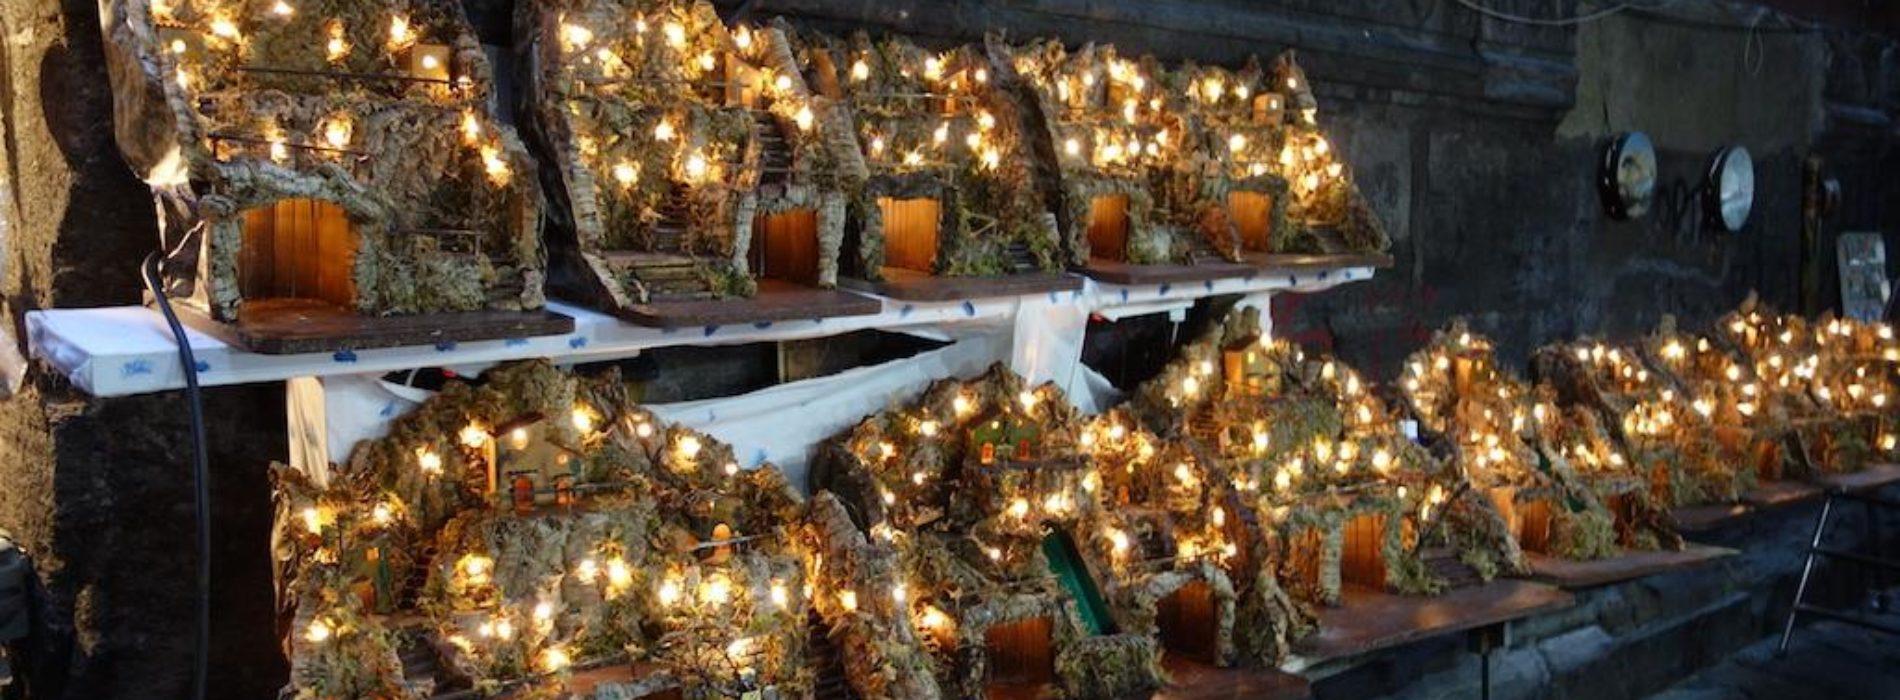 Il regalo natalizio di Napoli ad Amatrice: un presepe di San Gregorio Armeno